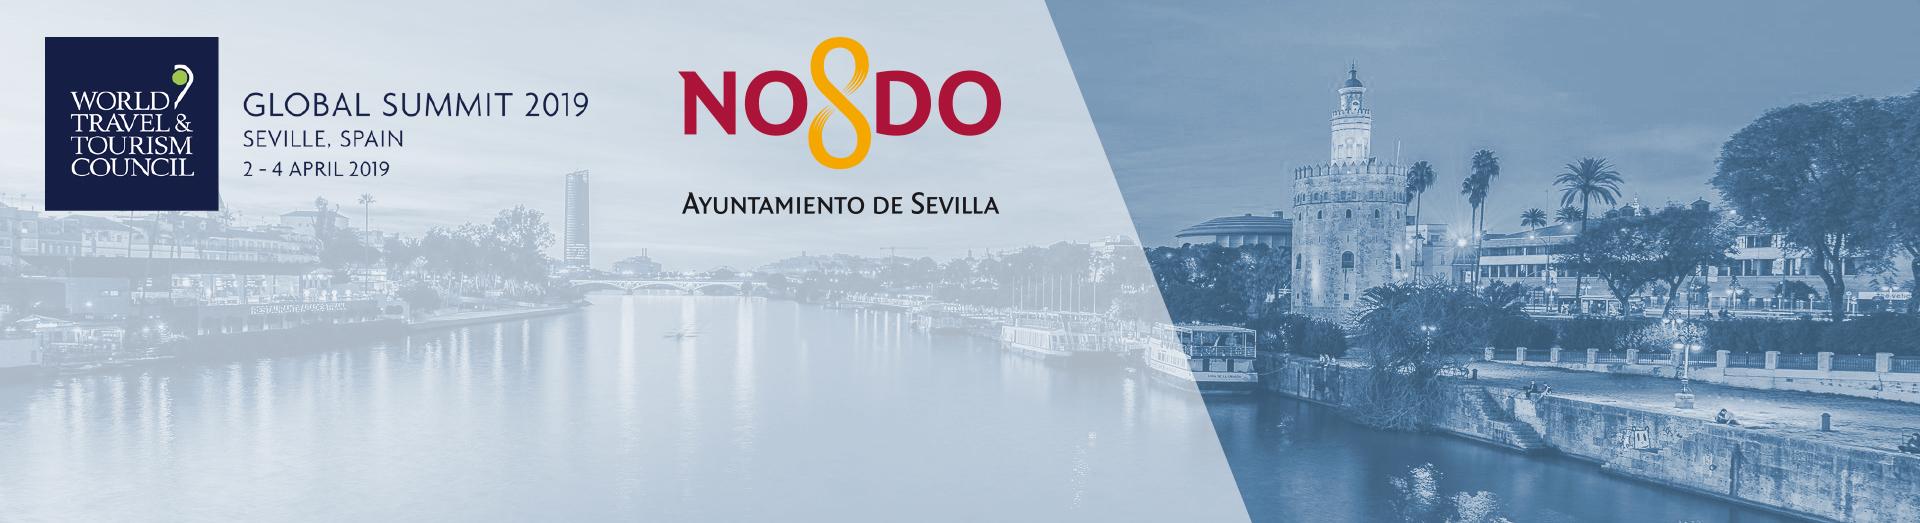 Nota de Prensa El Consejo Mundial de Viajes & Turismo anuncia una asistencia record y un elenco de ponentes de renombre mundial como el  44º presidente de Estados Unidos, Barack Obama, para su Cumbre Mundial en Sevilla